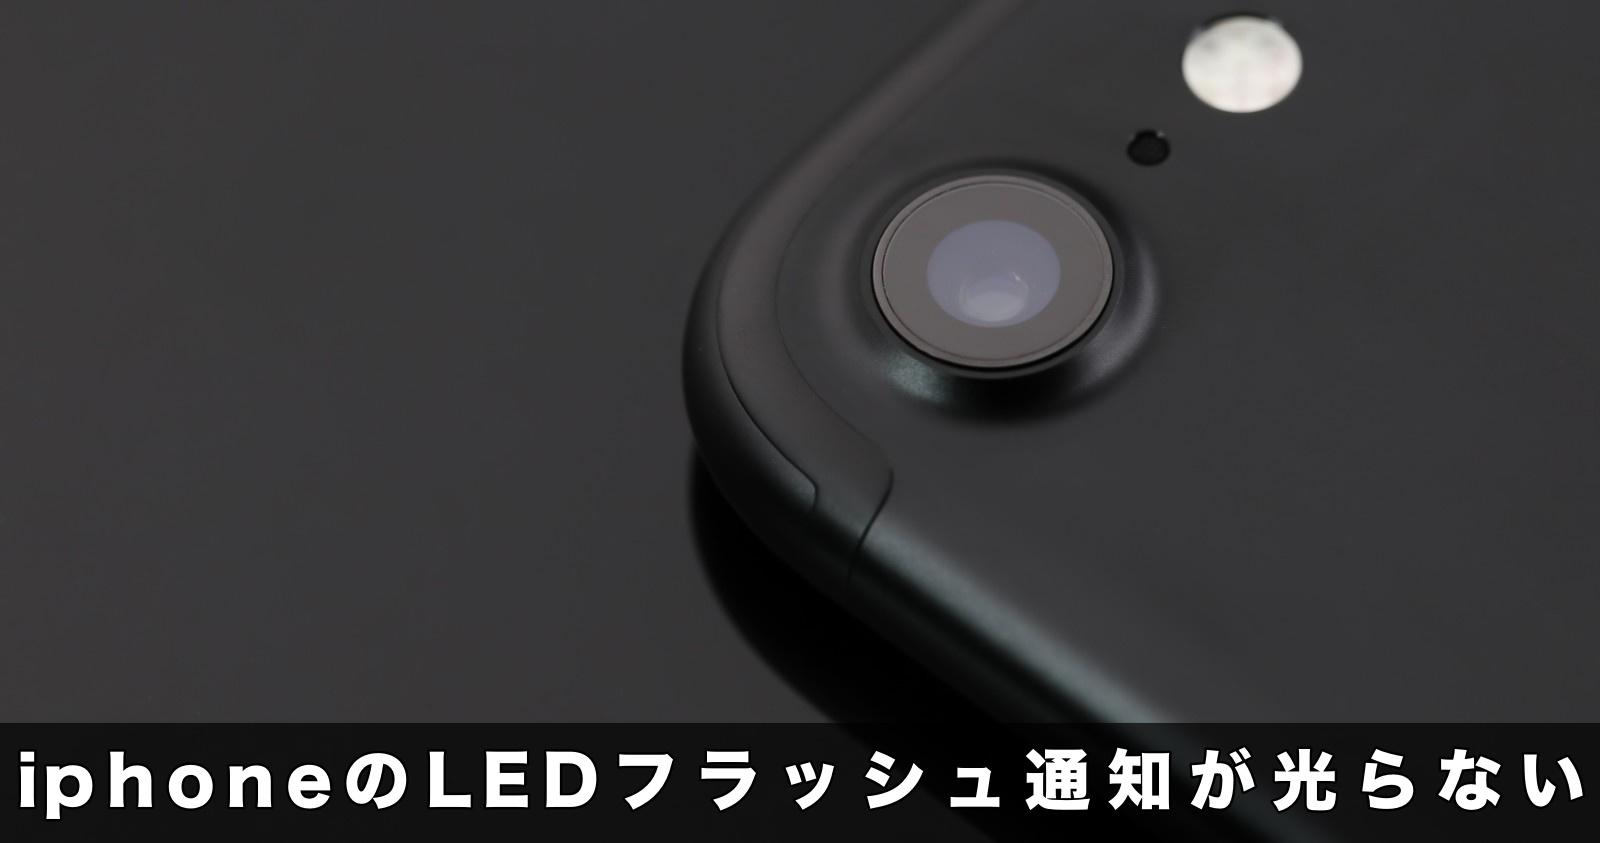 iphoneのLEDフラッシュ通知が光らないのは何故?